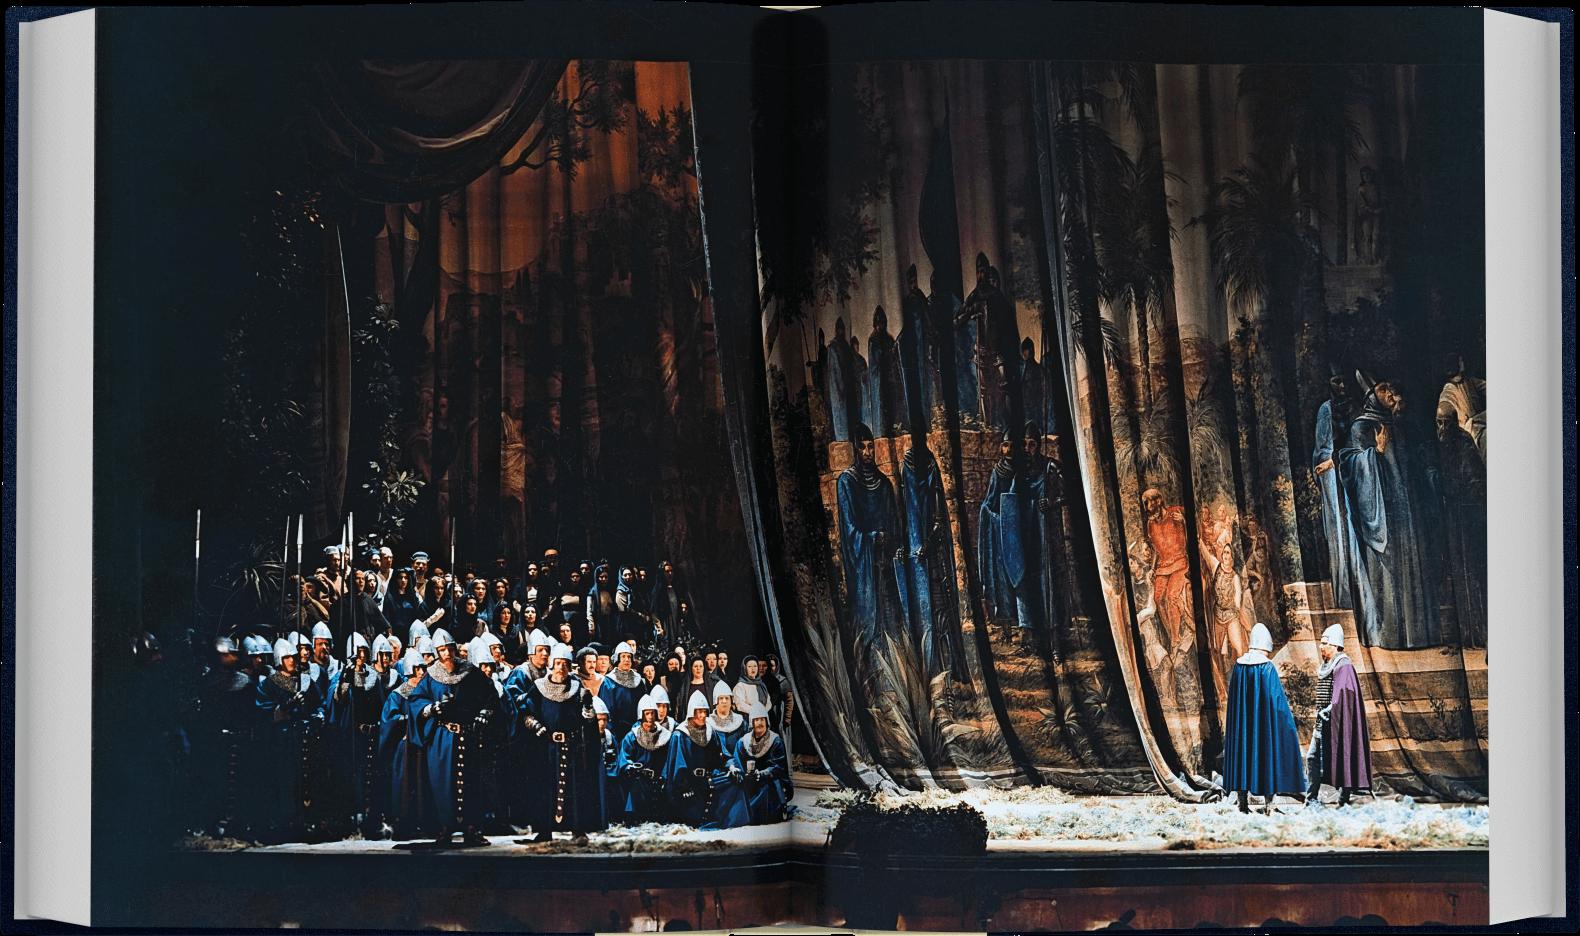 teatro-bologna-limited-spread-06